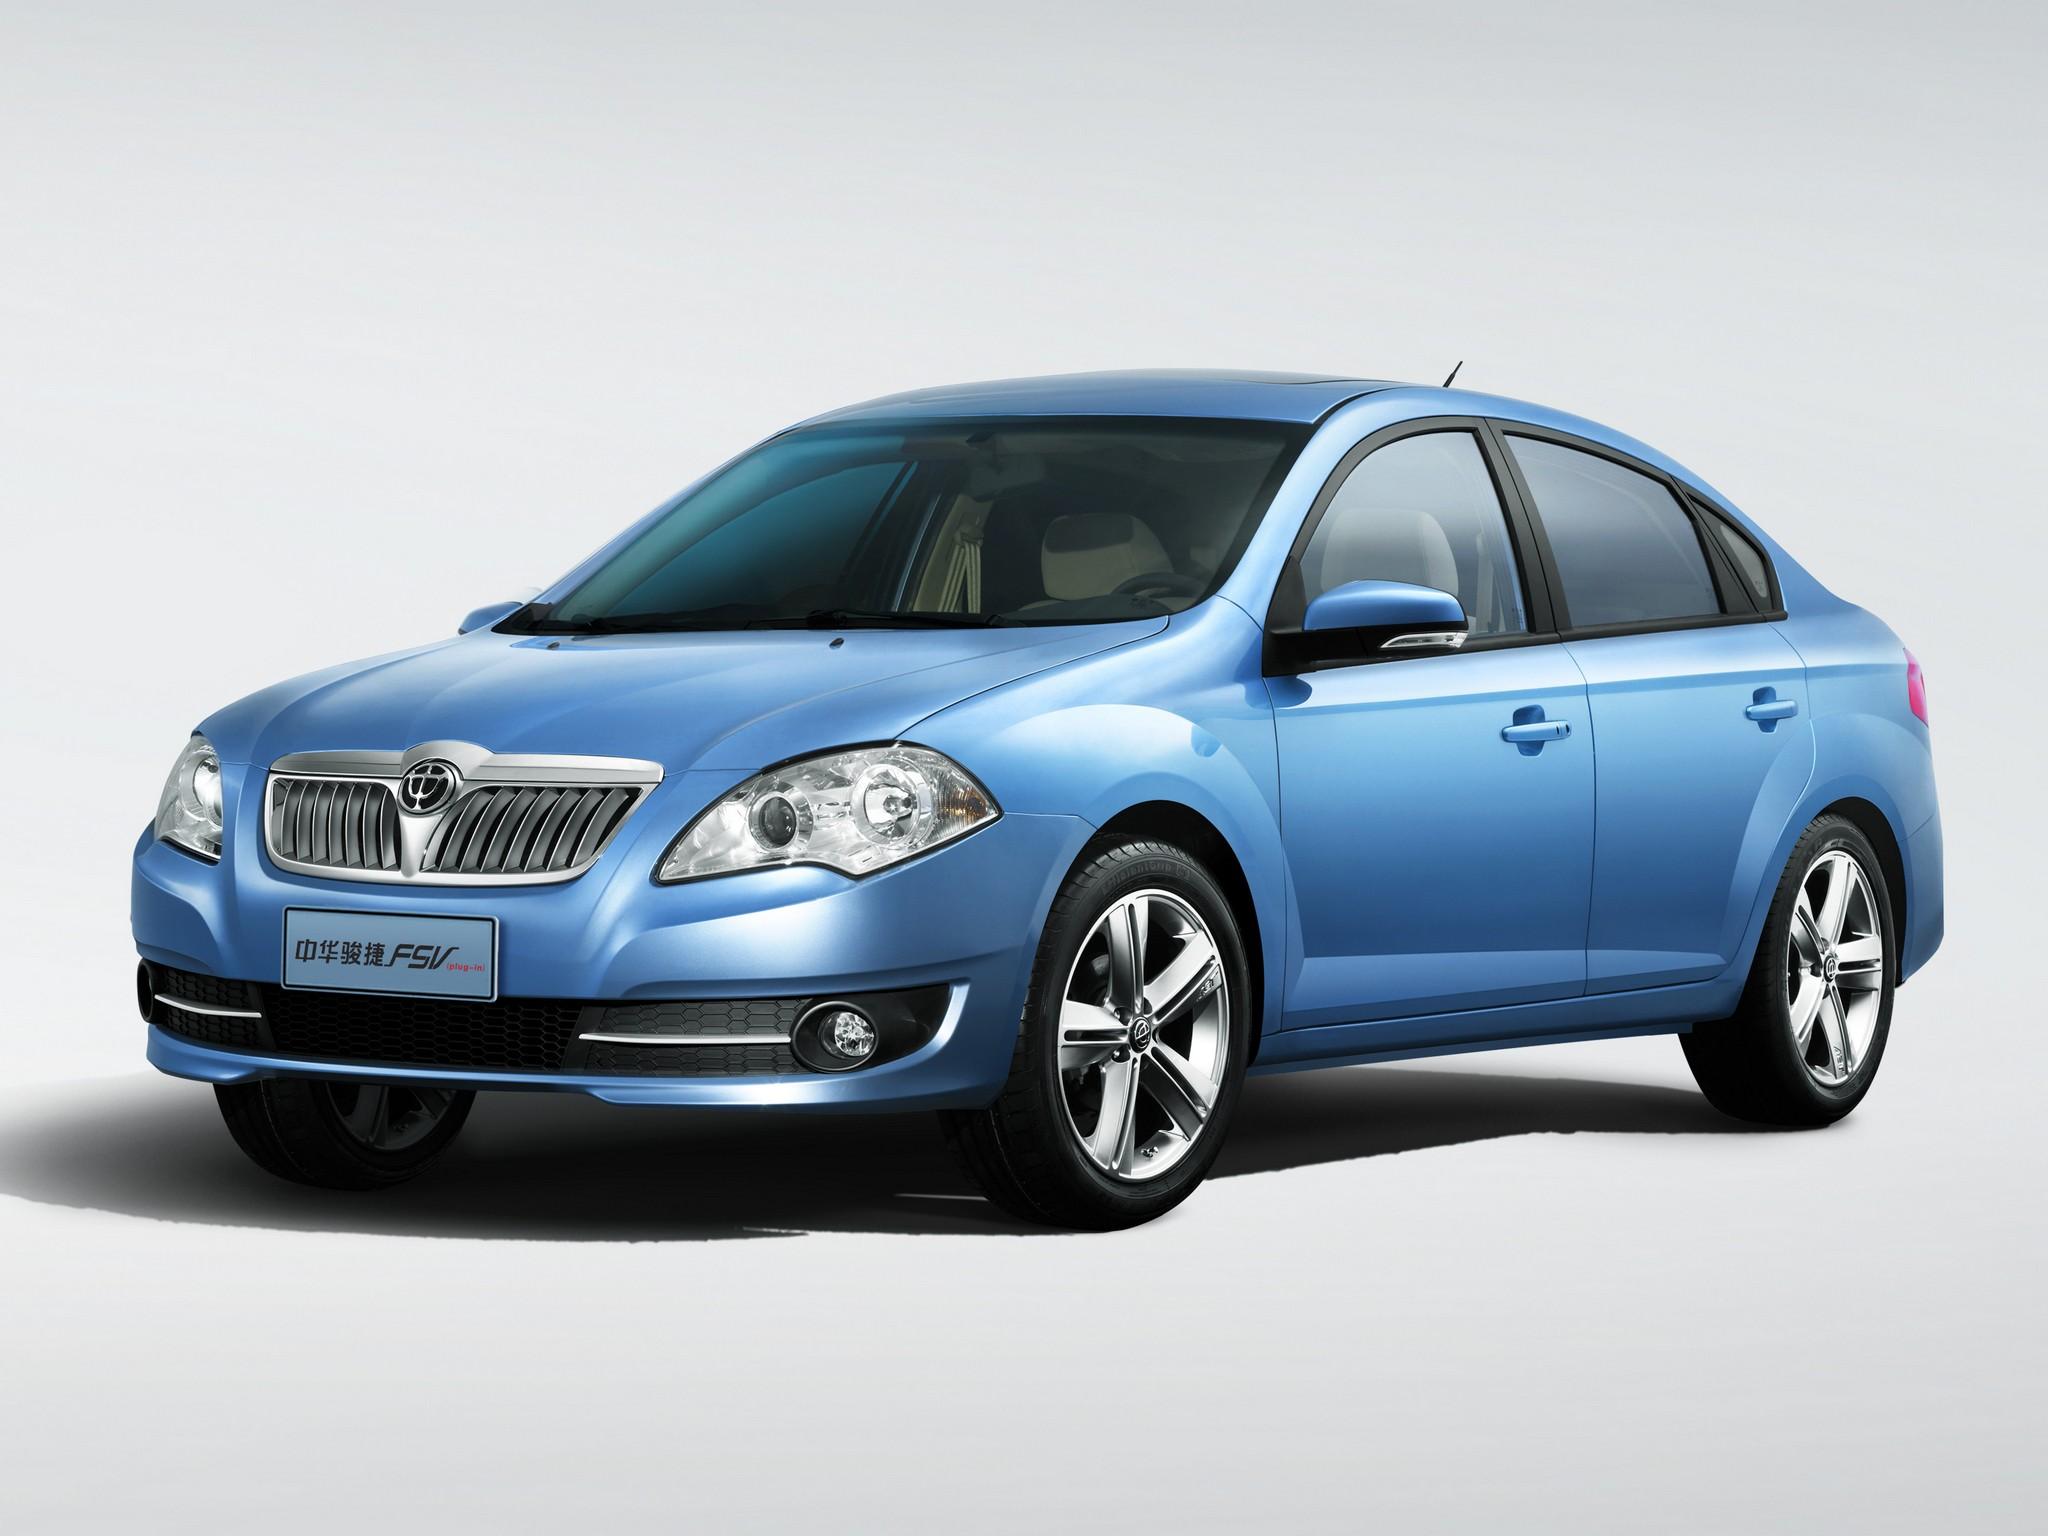 Famosa por produzir carros BMW na China, a Brilliance ainda não iniciou suas vendas por aqui